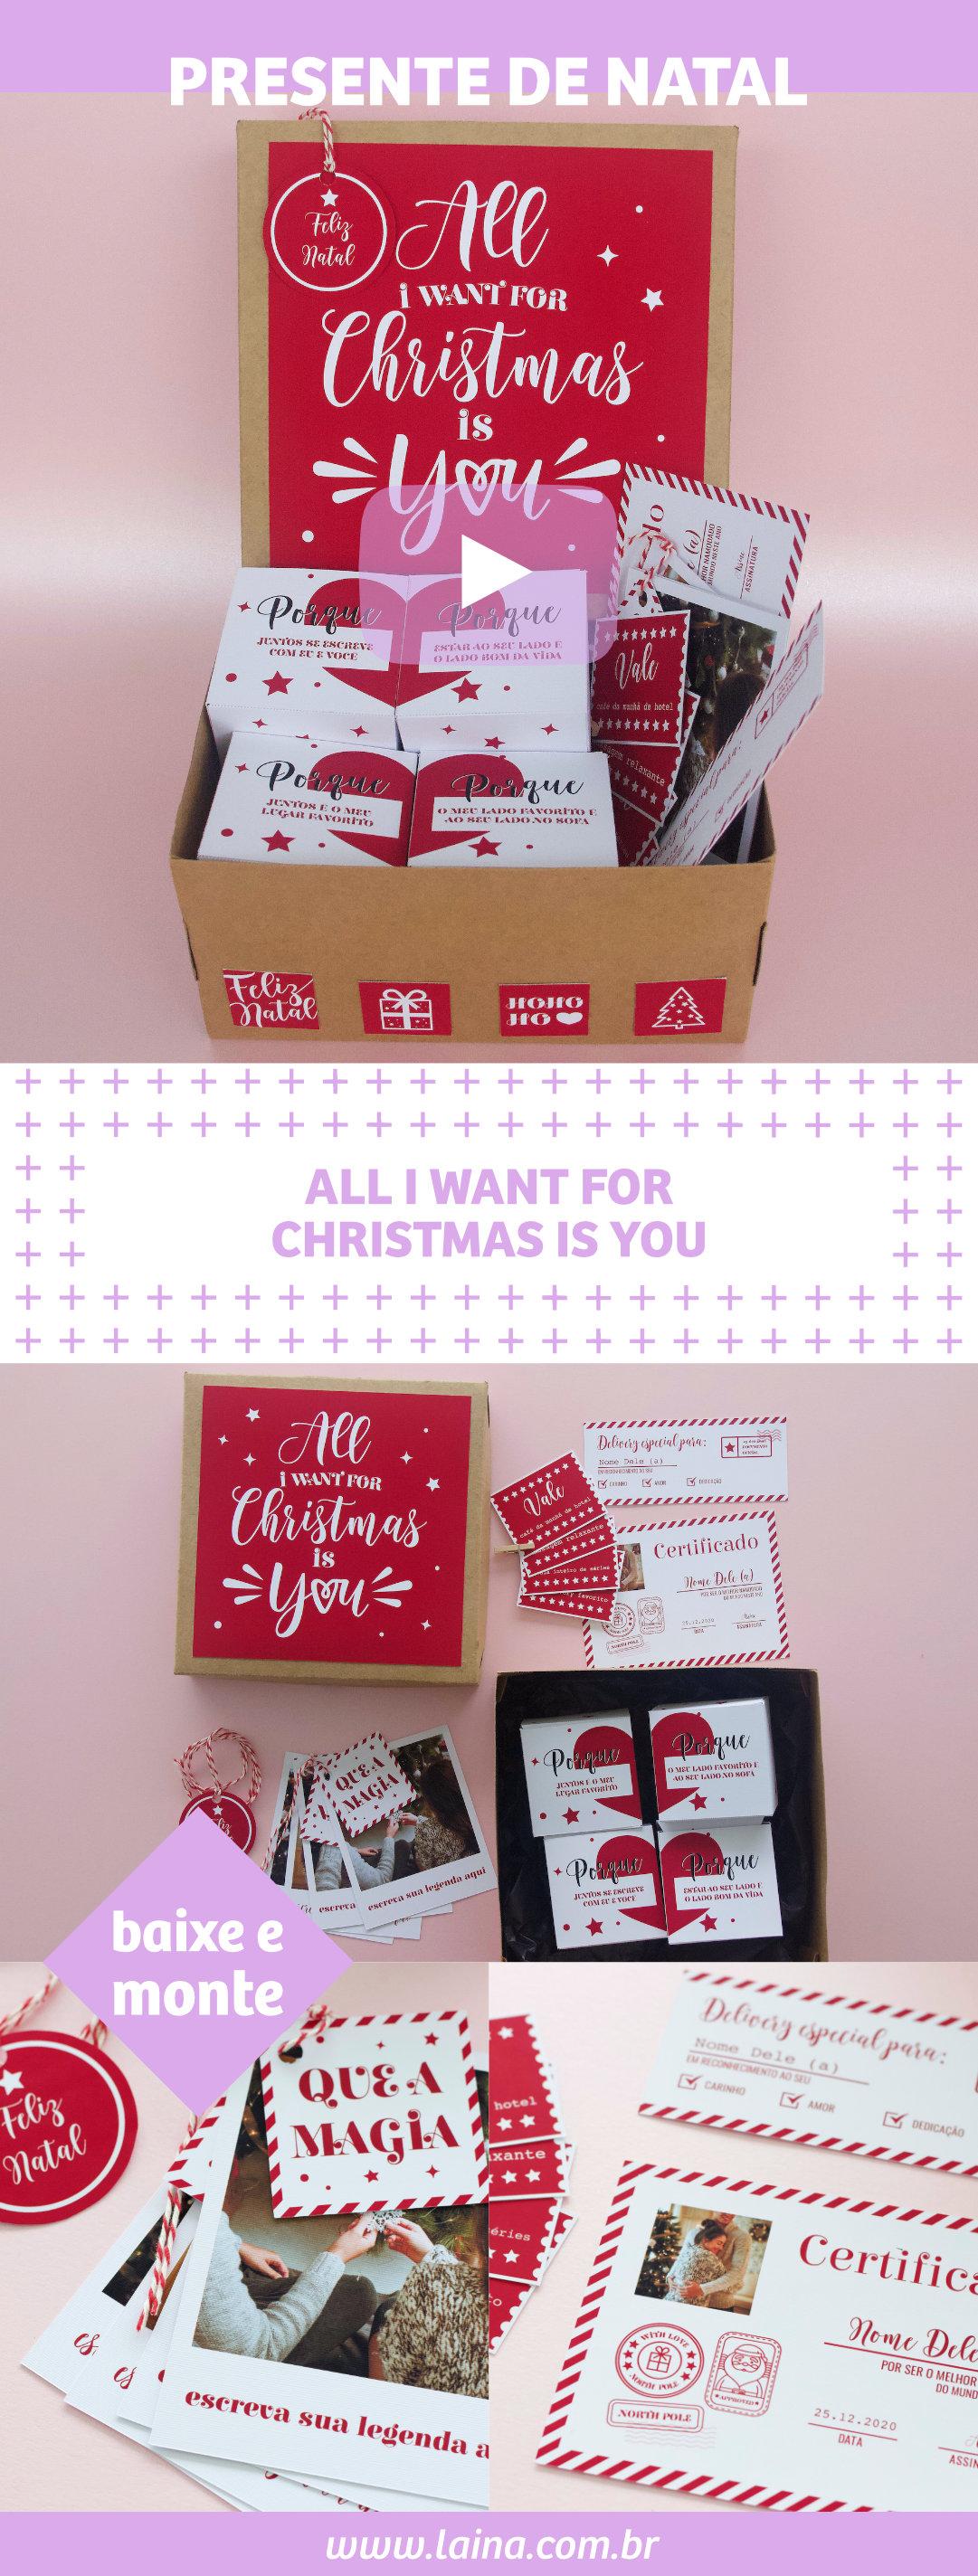 Presente de Natal para Namorado: Dica de presente personalizado inesquecível para o seu amor!